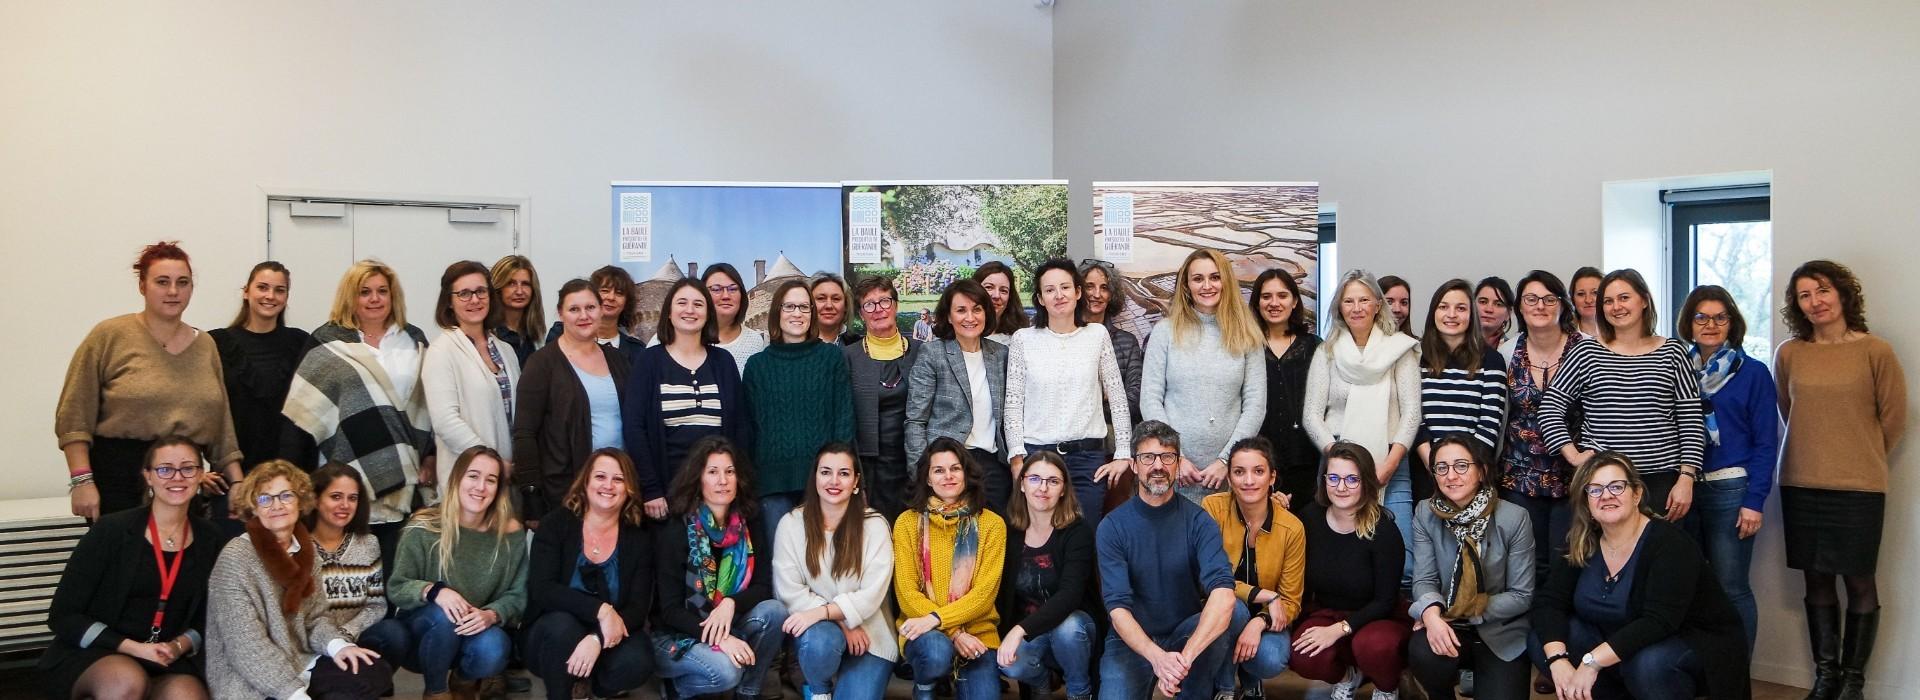 L'équipe de l'Office de Tourisme La Baule - Pesqu'île de Guérande